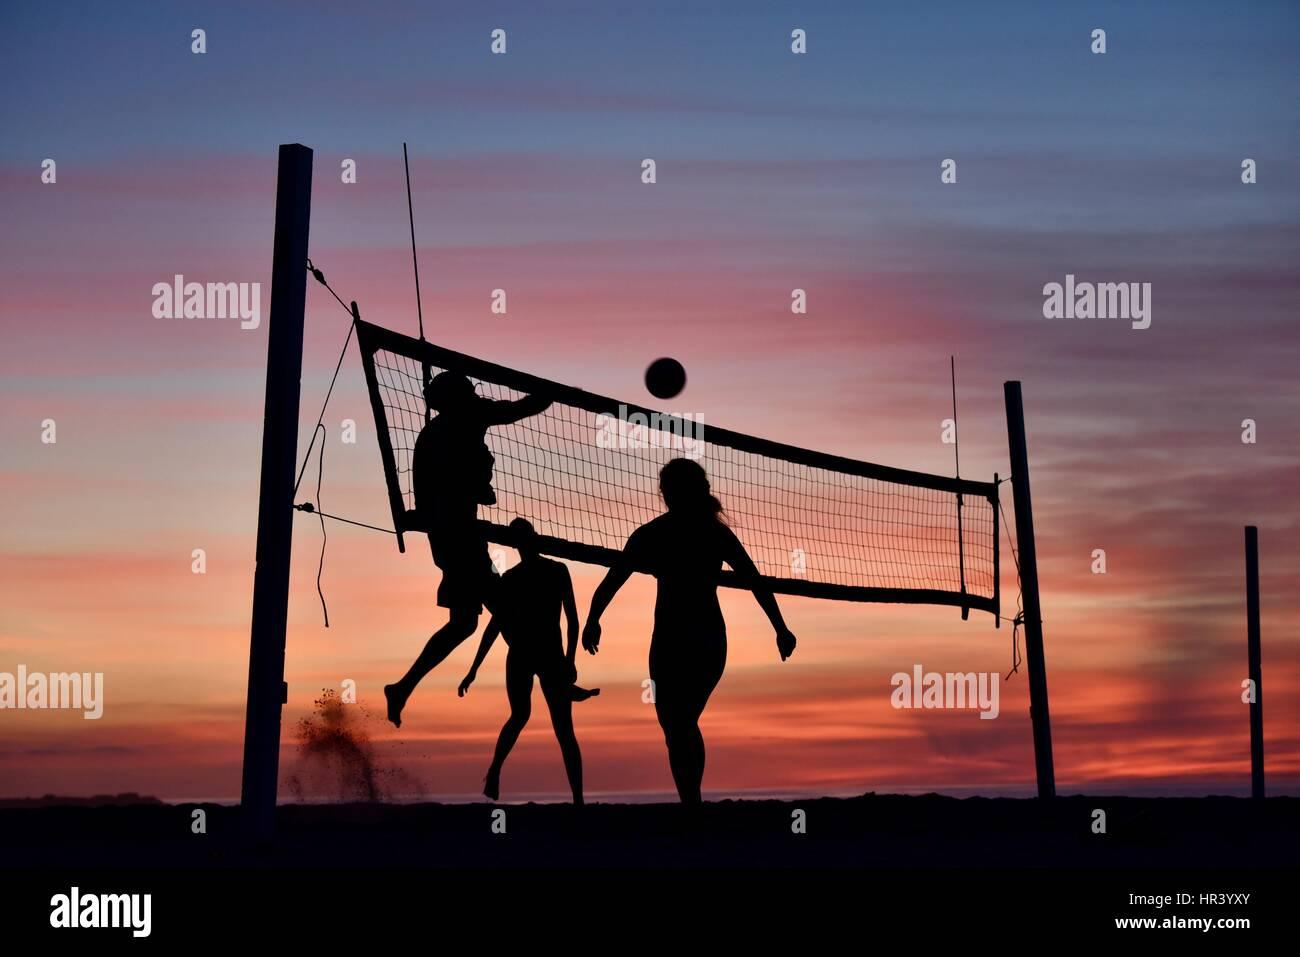 Silhouetten von weiblichen Volleyballspieler üben Volleyball am Strand bei Sonnenuntergang in Mission Beach, Stockbild